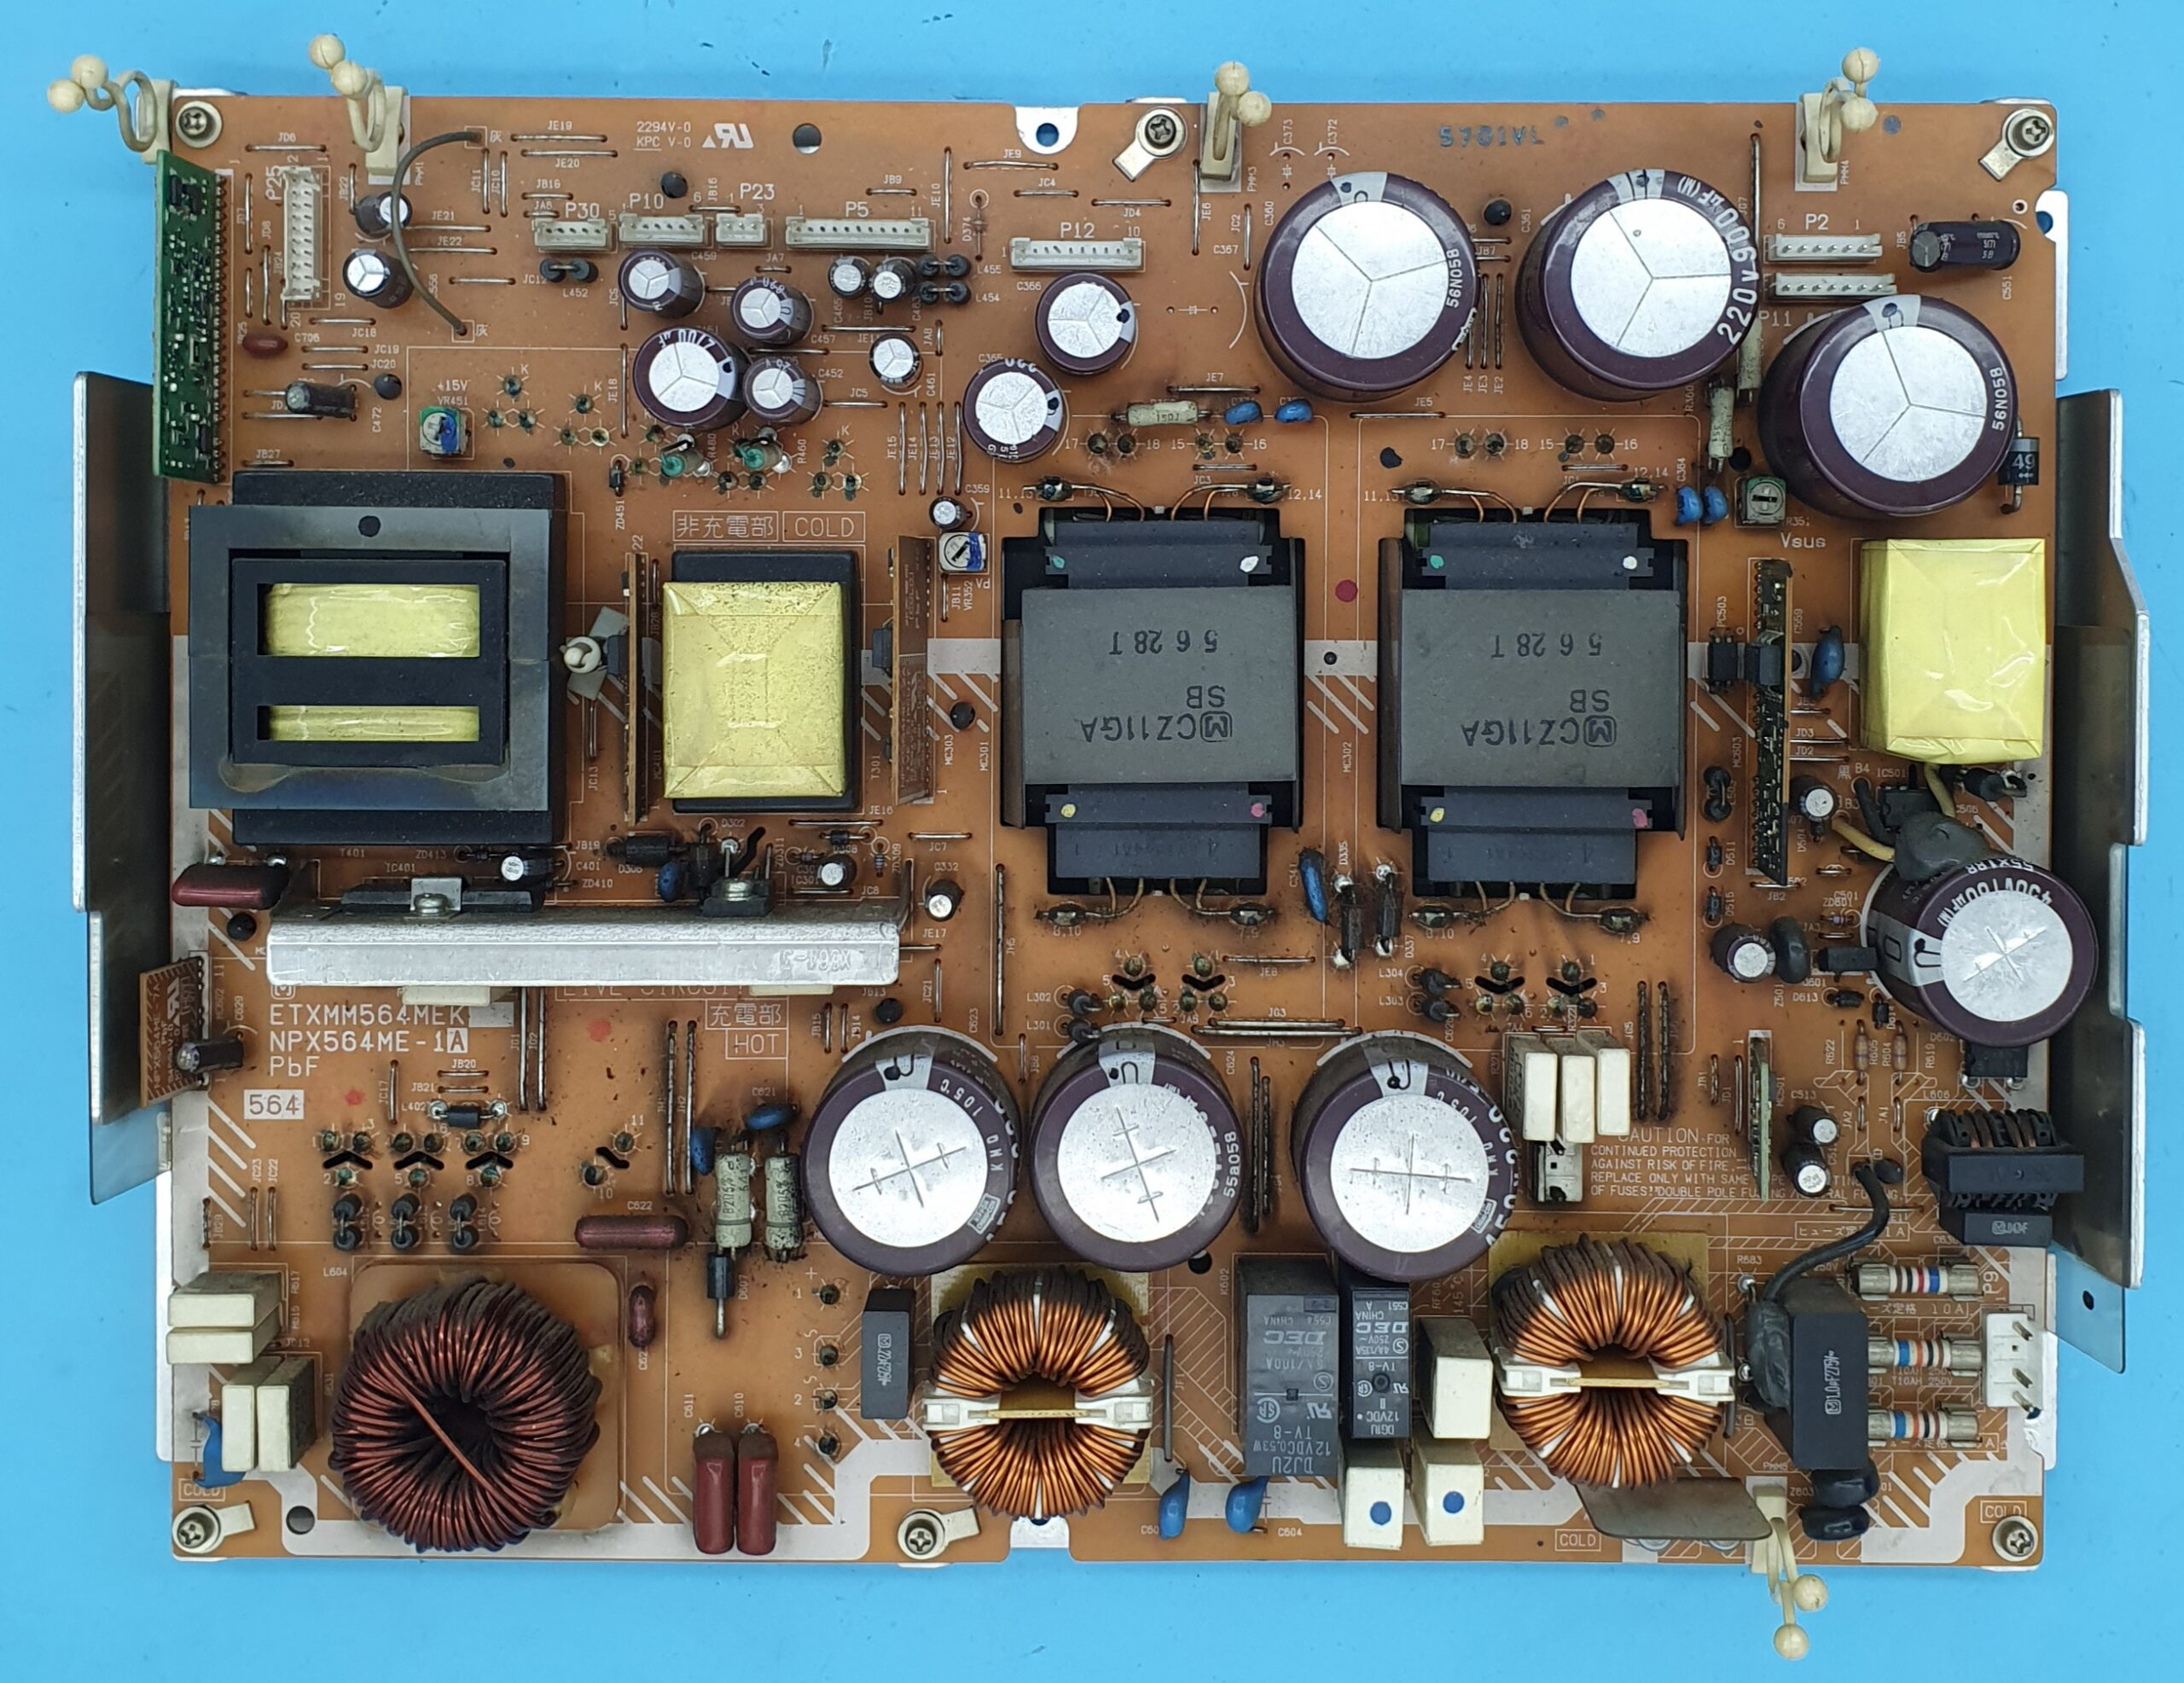 ETXMM564MEK NPX564ME-1A Panasonic Power (KDV DAHİL = 150 TL)